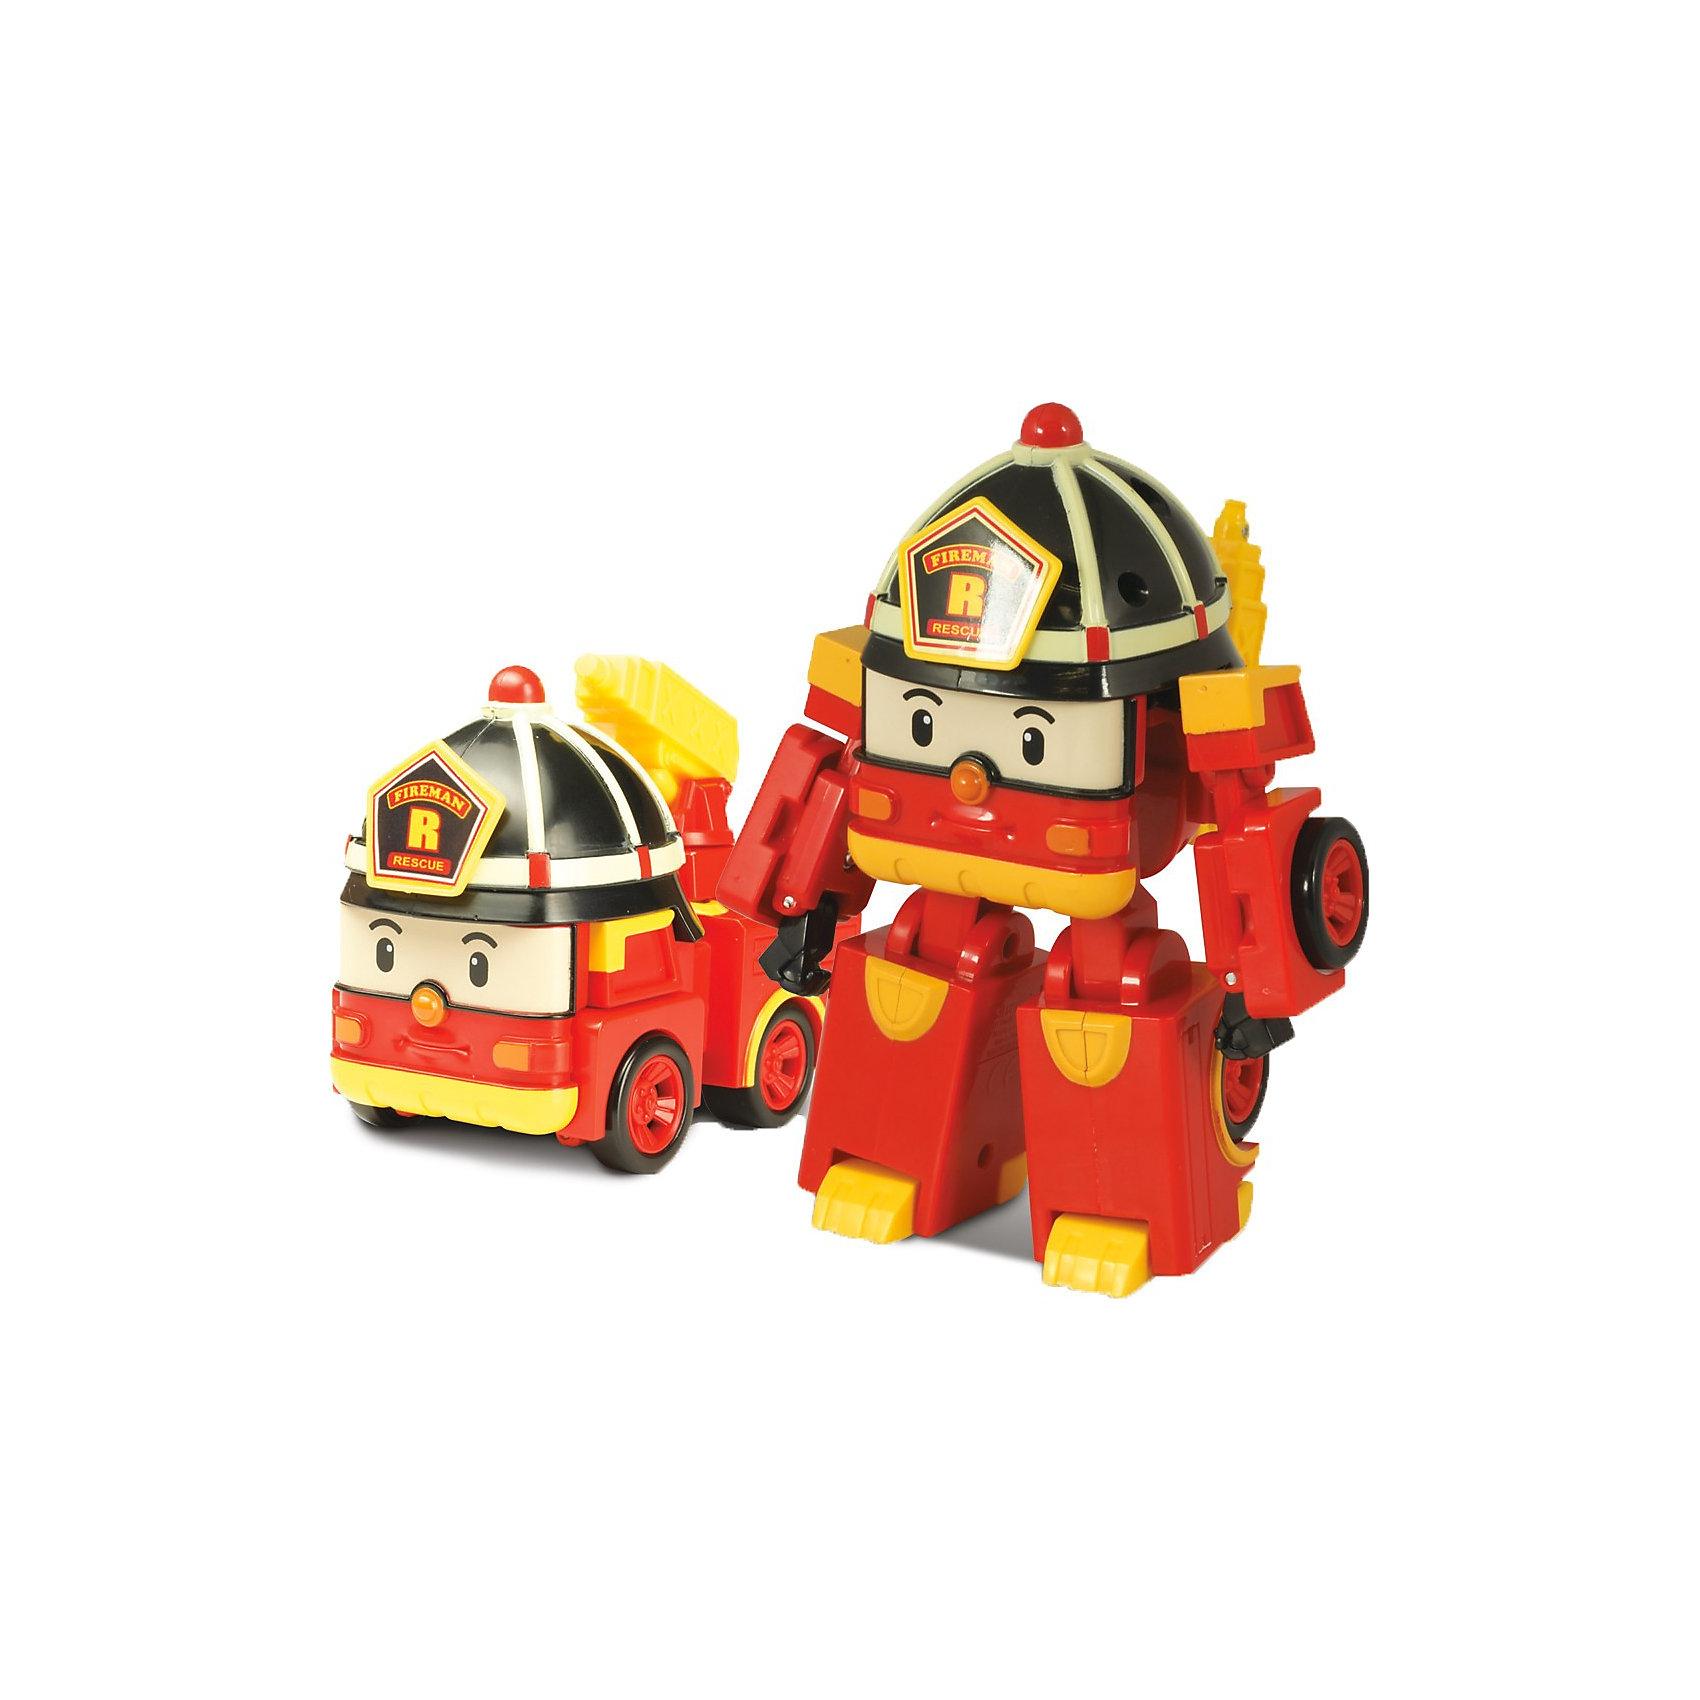 Игрушка Рой трансформер, Робокар ПолиИгрушки<br>Рой трансформер, Робокар Поли - машинка-трансформер, пожарная машина-робот Рой из полюбившегося мультсериала «Robocar Poli».<br>Он живет в удивительном городке Брумстаун, где все машинки умеют говорить! <br>Рой необыкновенно добрый малый  и как только слышит сигнал о пожаре, готов в любую минуту броситься на помощь попавшему в беду жителю города!<br>Сюжетно-ролевые игры с использованием машинок-трансформеров от компании Silverlit способствуют развитию воображения и пространственного мышления, мелкой моторики рук вашего ребенка, формируют грамотную речь.<br><br>Дополнительная информация:<br><br>- Пожарная машина путем ручного трансформирования легко превращается в человечка.<br>- Материал: пластик.<br>- Размер коробки (длн-шрн-вст): 13 х 13 х 17.1 см.<br>- Размер игрушки: 10 см.<br>- пожарный кран у машины подвижный.<br>- Игрушка выполнена из высококачественного пластика.<br>- Вес: 0.275 кг<br><br>Игрушку  Рой трансформер, Робокар Поли (Robocar Poli) можно купить в нашем магазине.<br><br>Ширина мм: 173<br>Глубина мм: 131<br>Высота мм: 132<br>Вес г: 233<br>Возраст от месяцев: 36<br>Возраст до месяцев: 66<br>Пол: Мужской<br>Возраст: Детский<br>SKU: 3439333